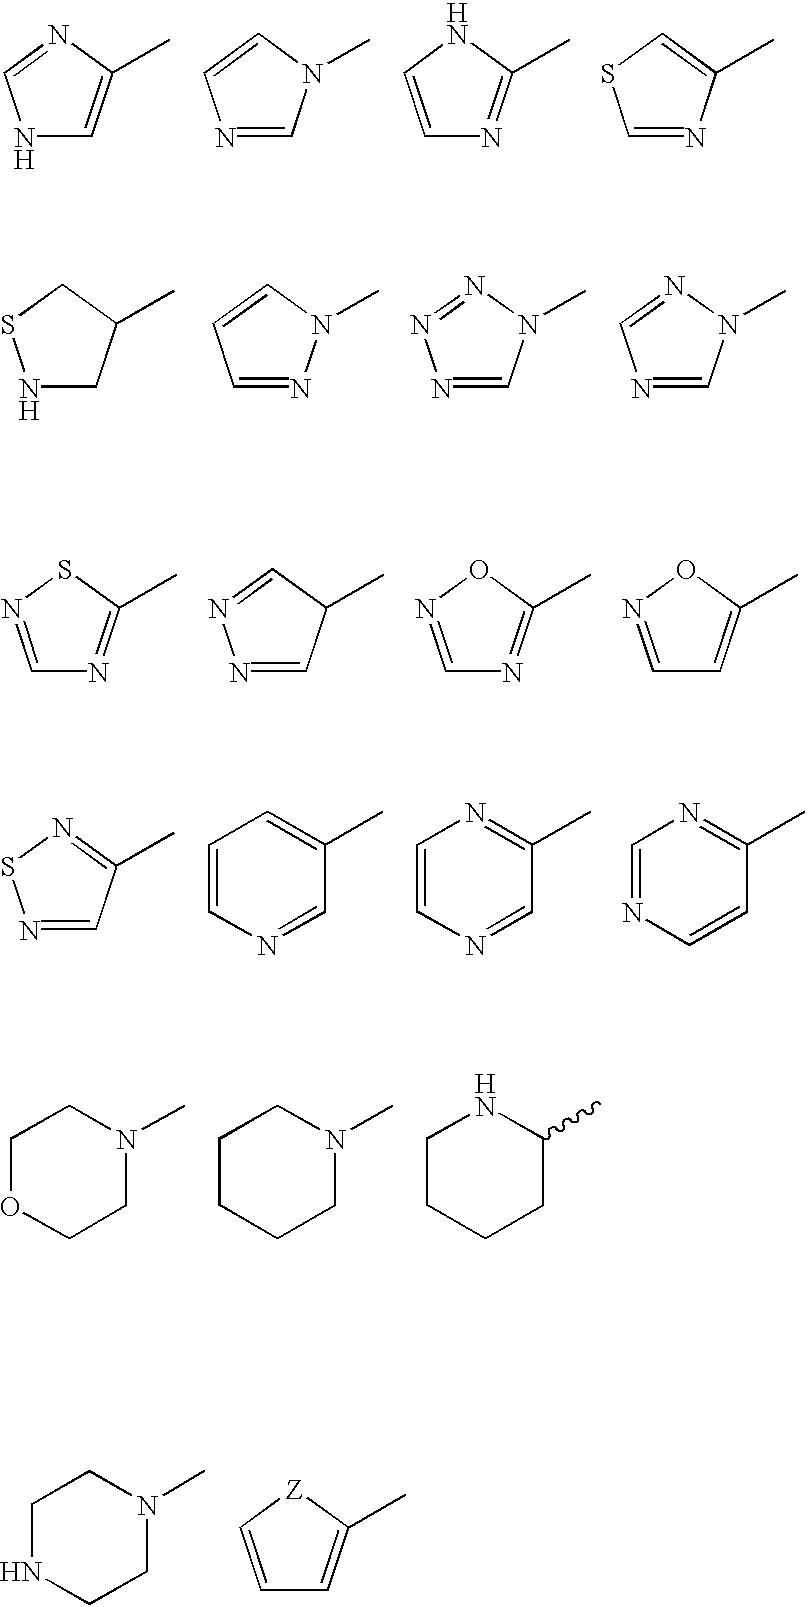 Figure US06844321-20050118-C00002